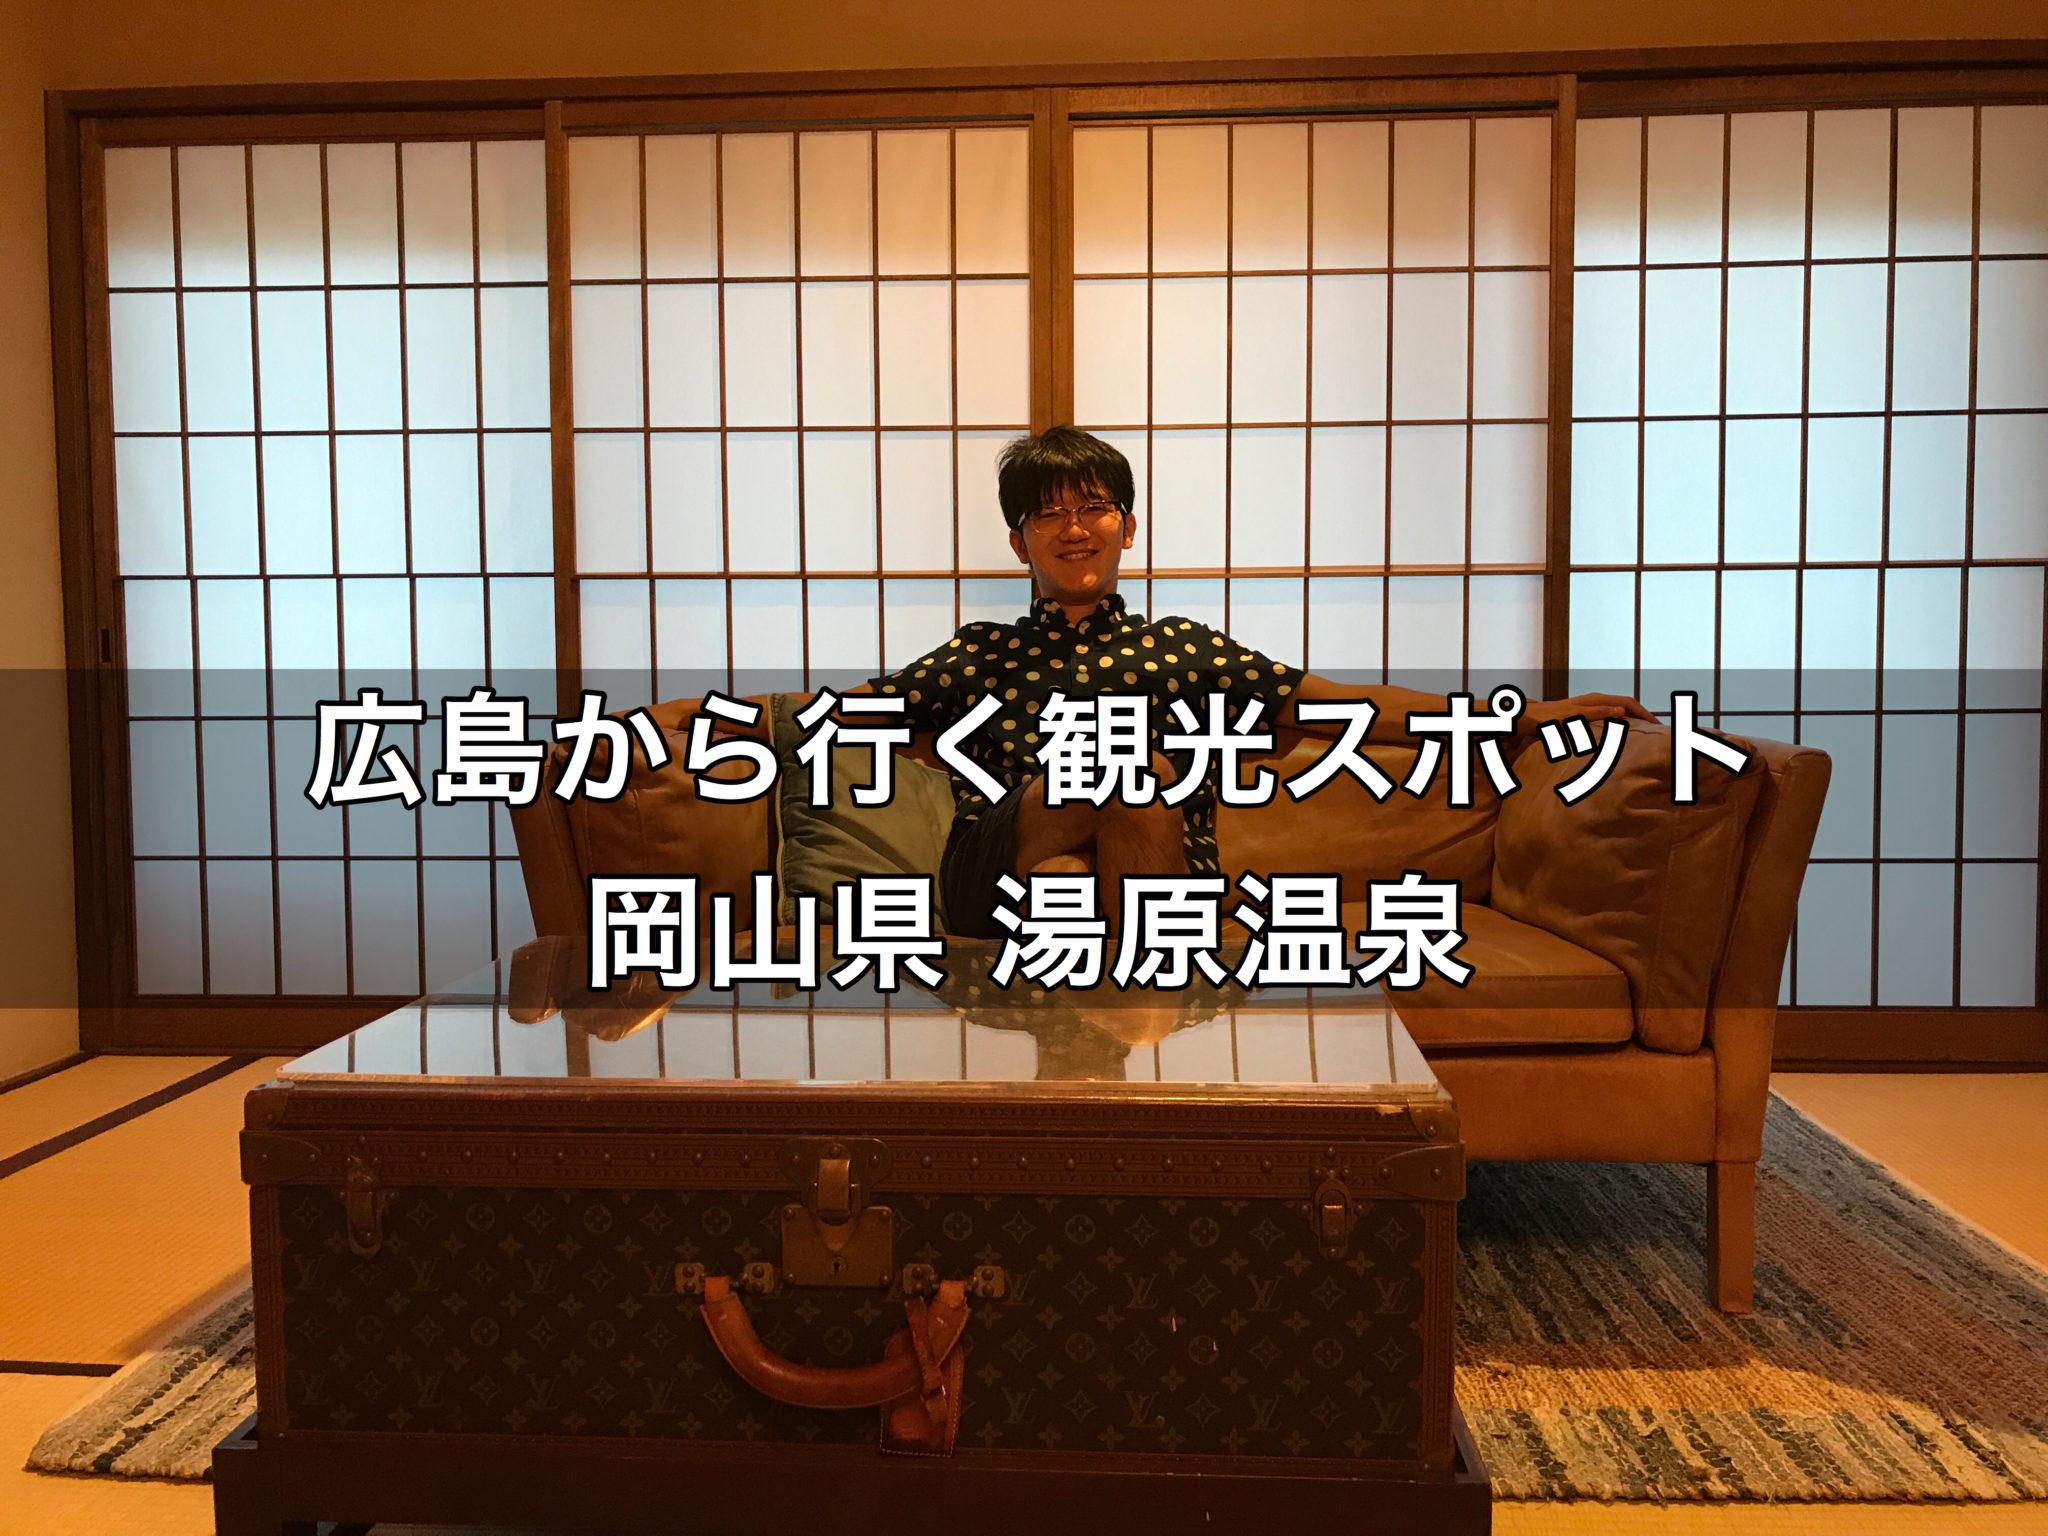 広島から行く観光スポット「岡山県 湯原温泉」